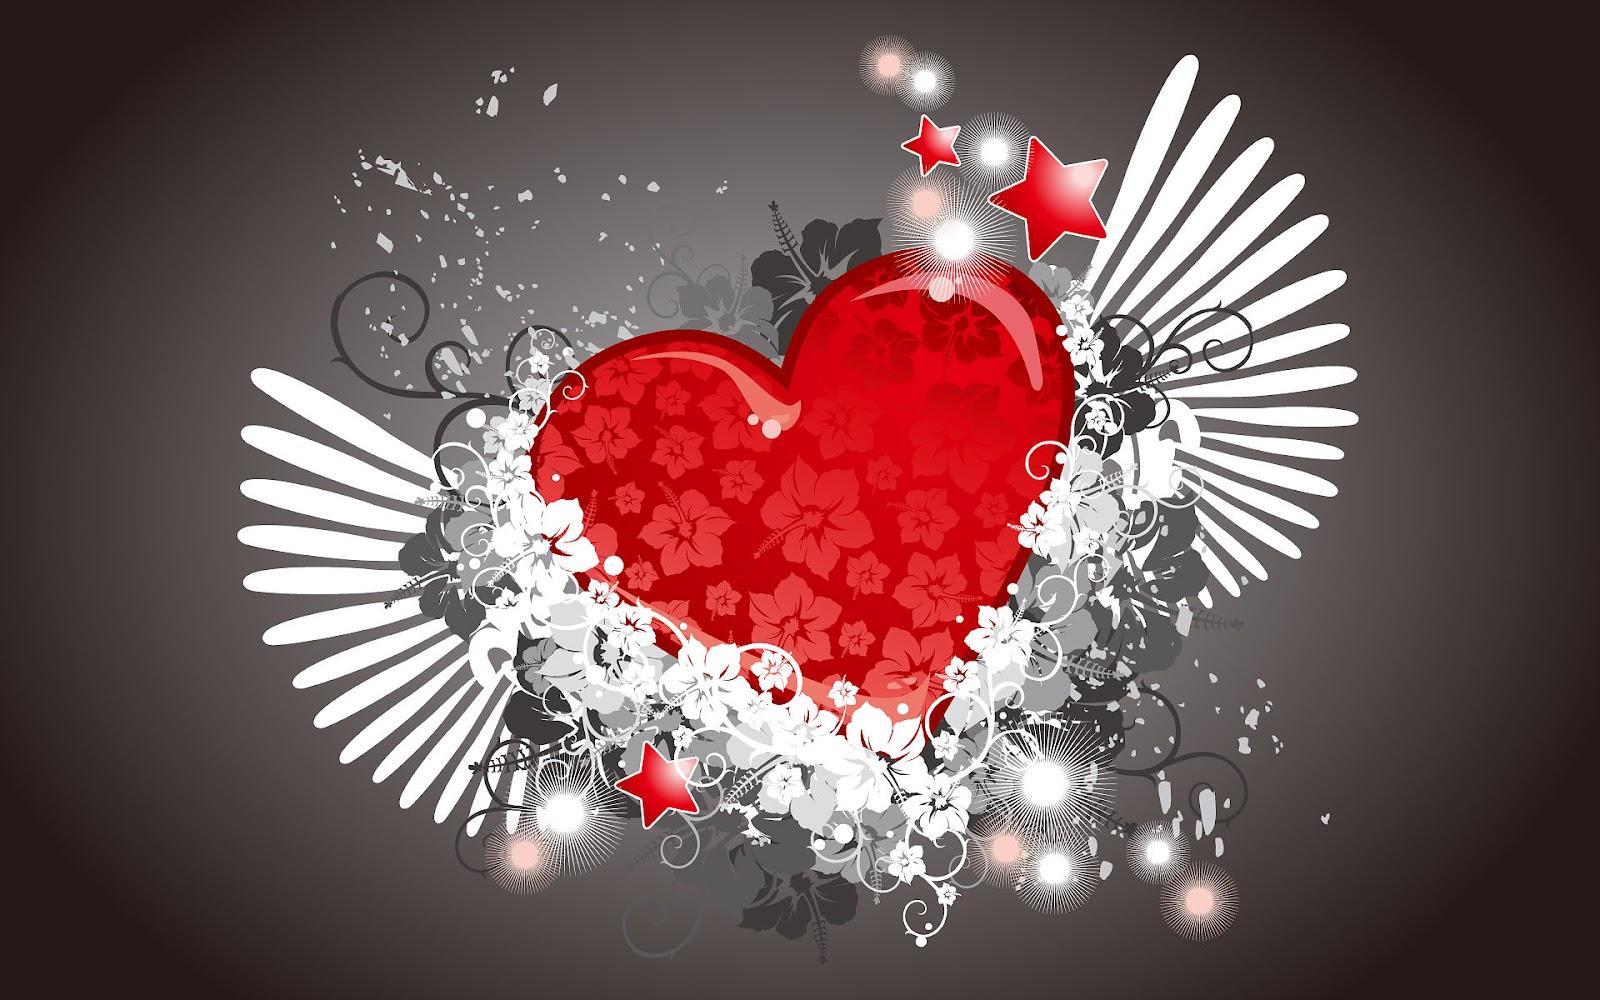 http://4.bp.blogspot.com/-z43p3r3OVKs/UCv3SQfZVCI/AAAAAAAAE_k/JzPEVsTM8zo/s1600/hd-liefde-wallpaper-met-een-rood-hartje-en-een-grijze-achtergrond.jpg